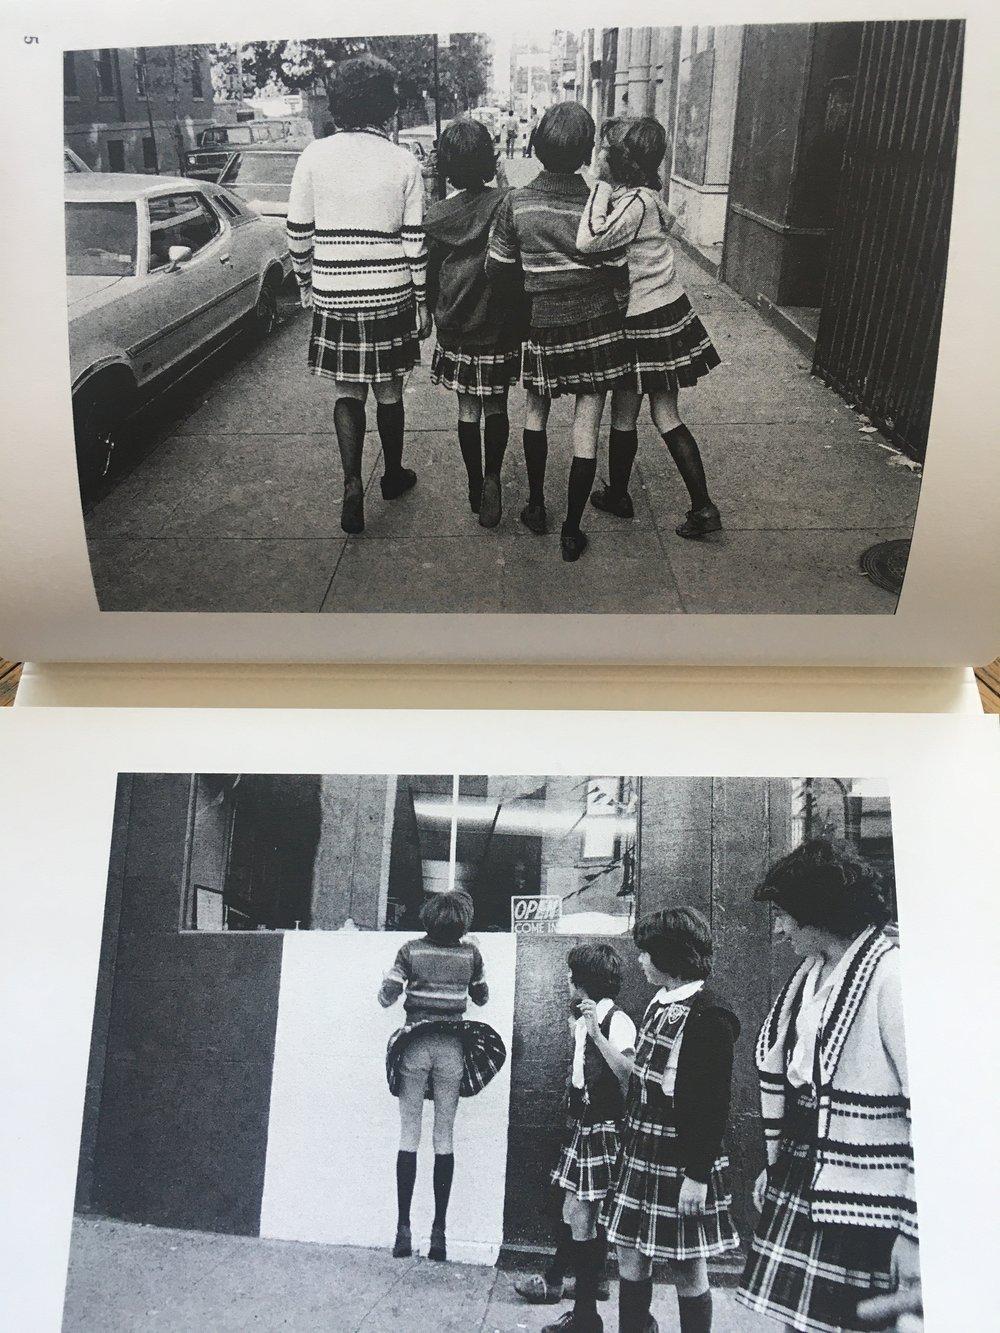 Prince Street Girls / Susan Meiselas (Signed)